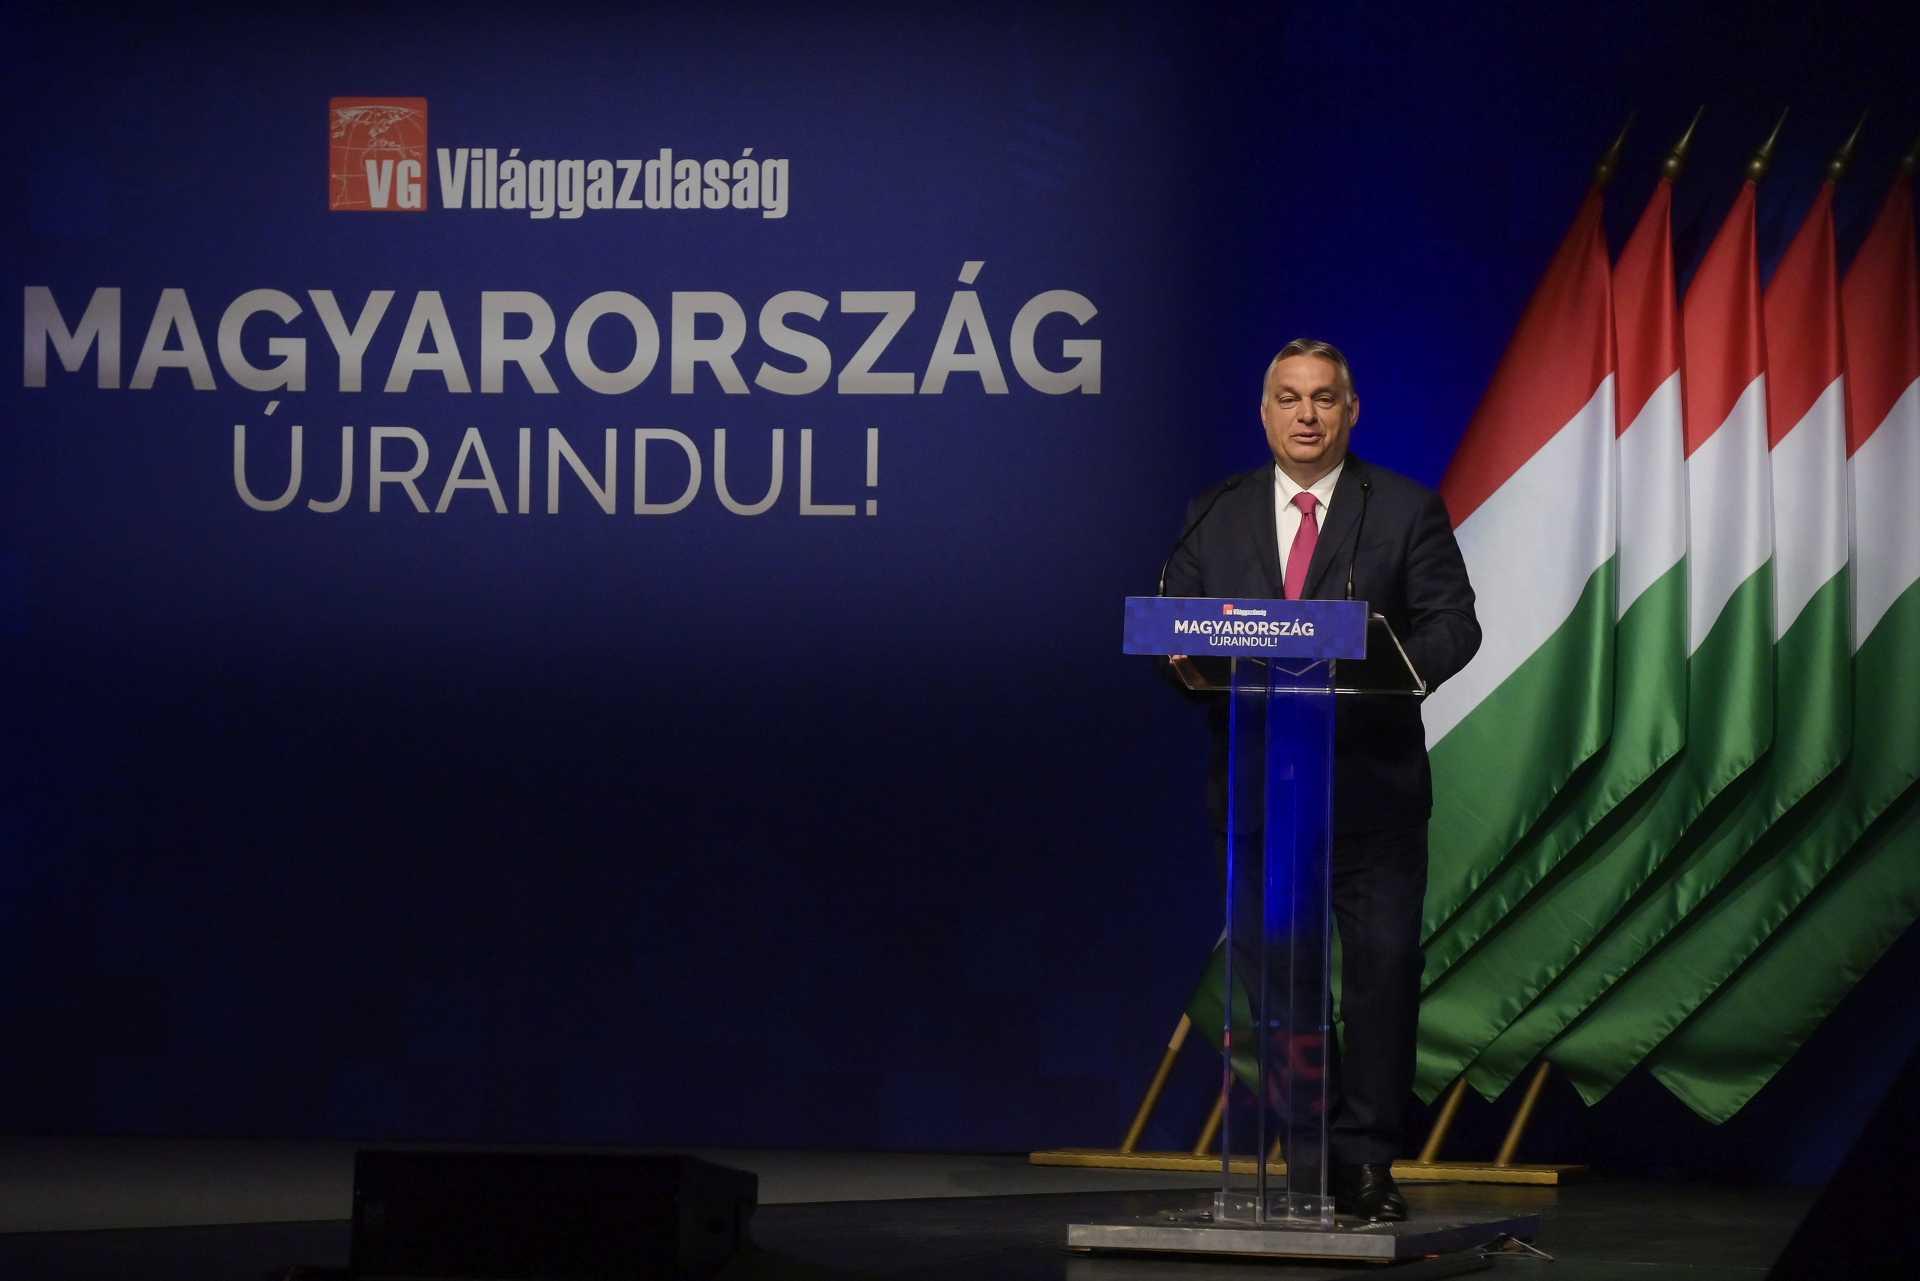 Orbán Viktor miniszterelnök beszédet mond a Világgazdaság üzleti napilap Magyarország újraindításáról szervezett konferenciáján a Budapest Kongresszusi Központ 2021. június 9-én.